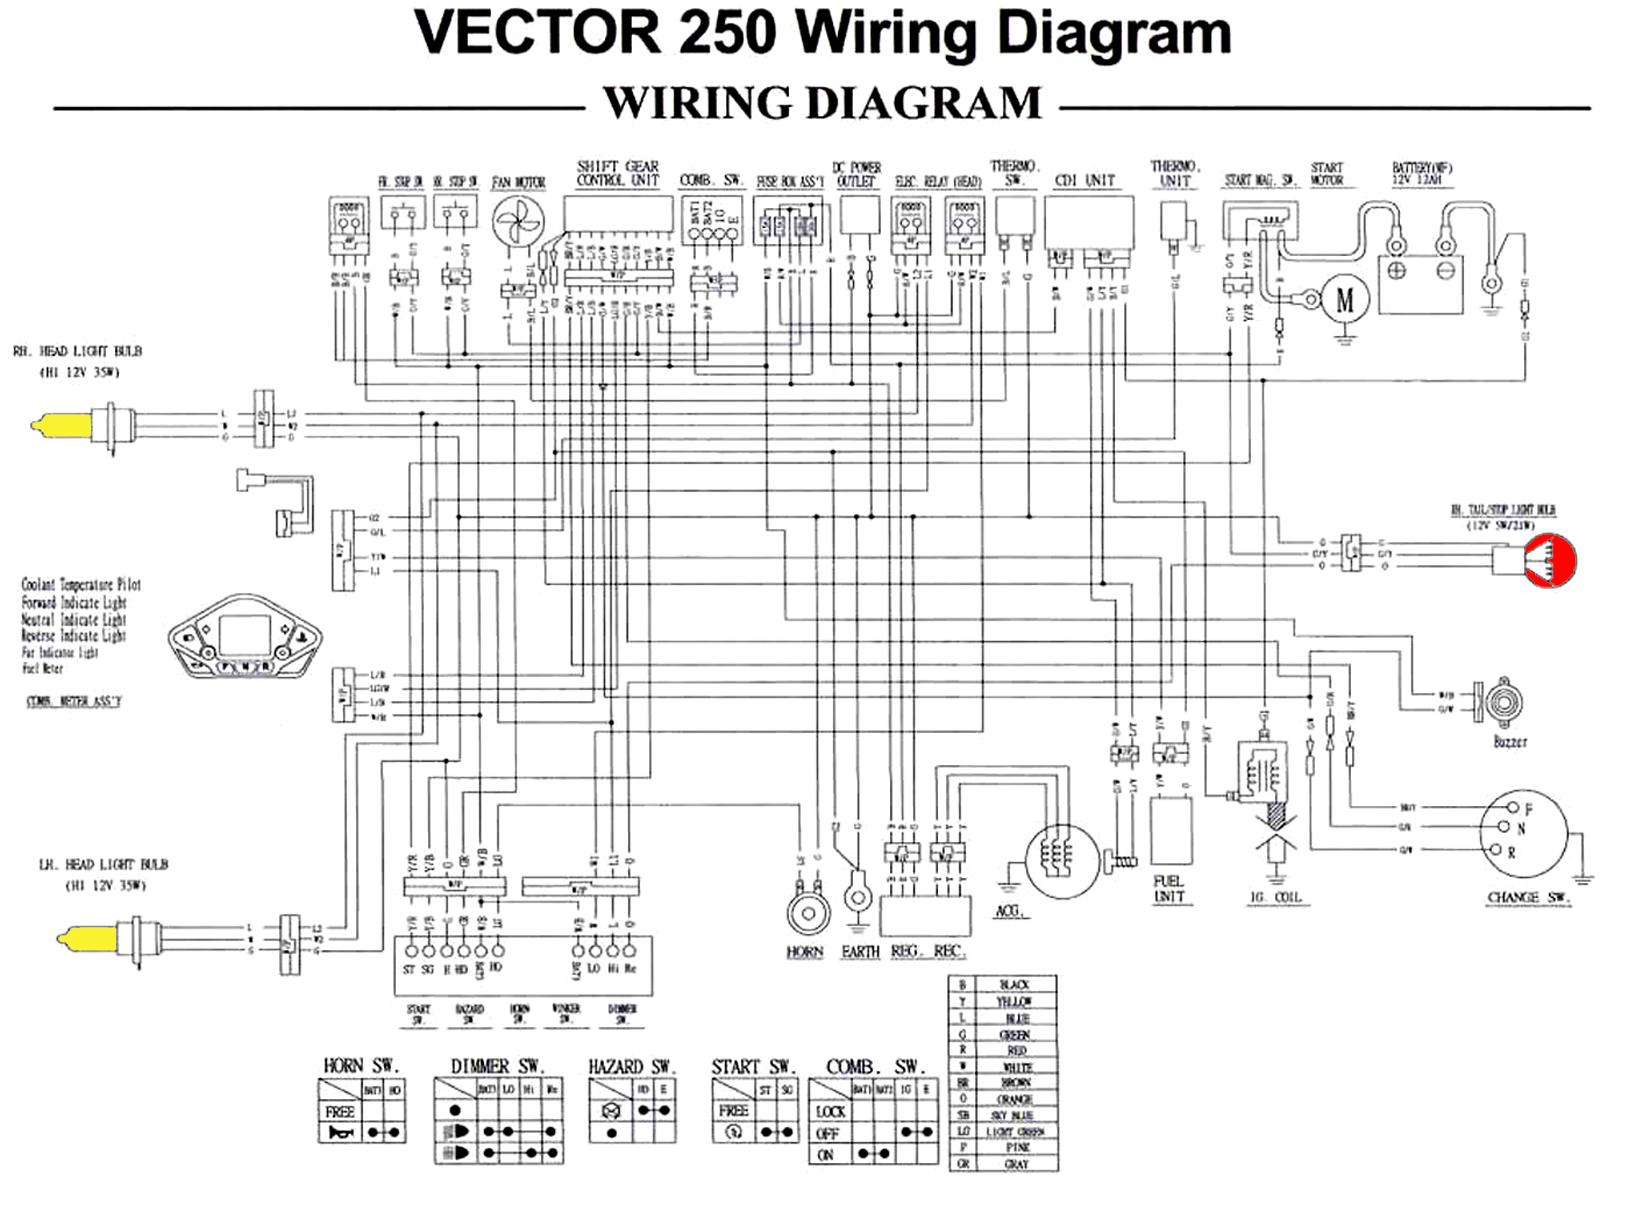 Viper 4115 Remote Start Wiring Diagram Auto Electrical Elantra Touring Eton Diagrams